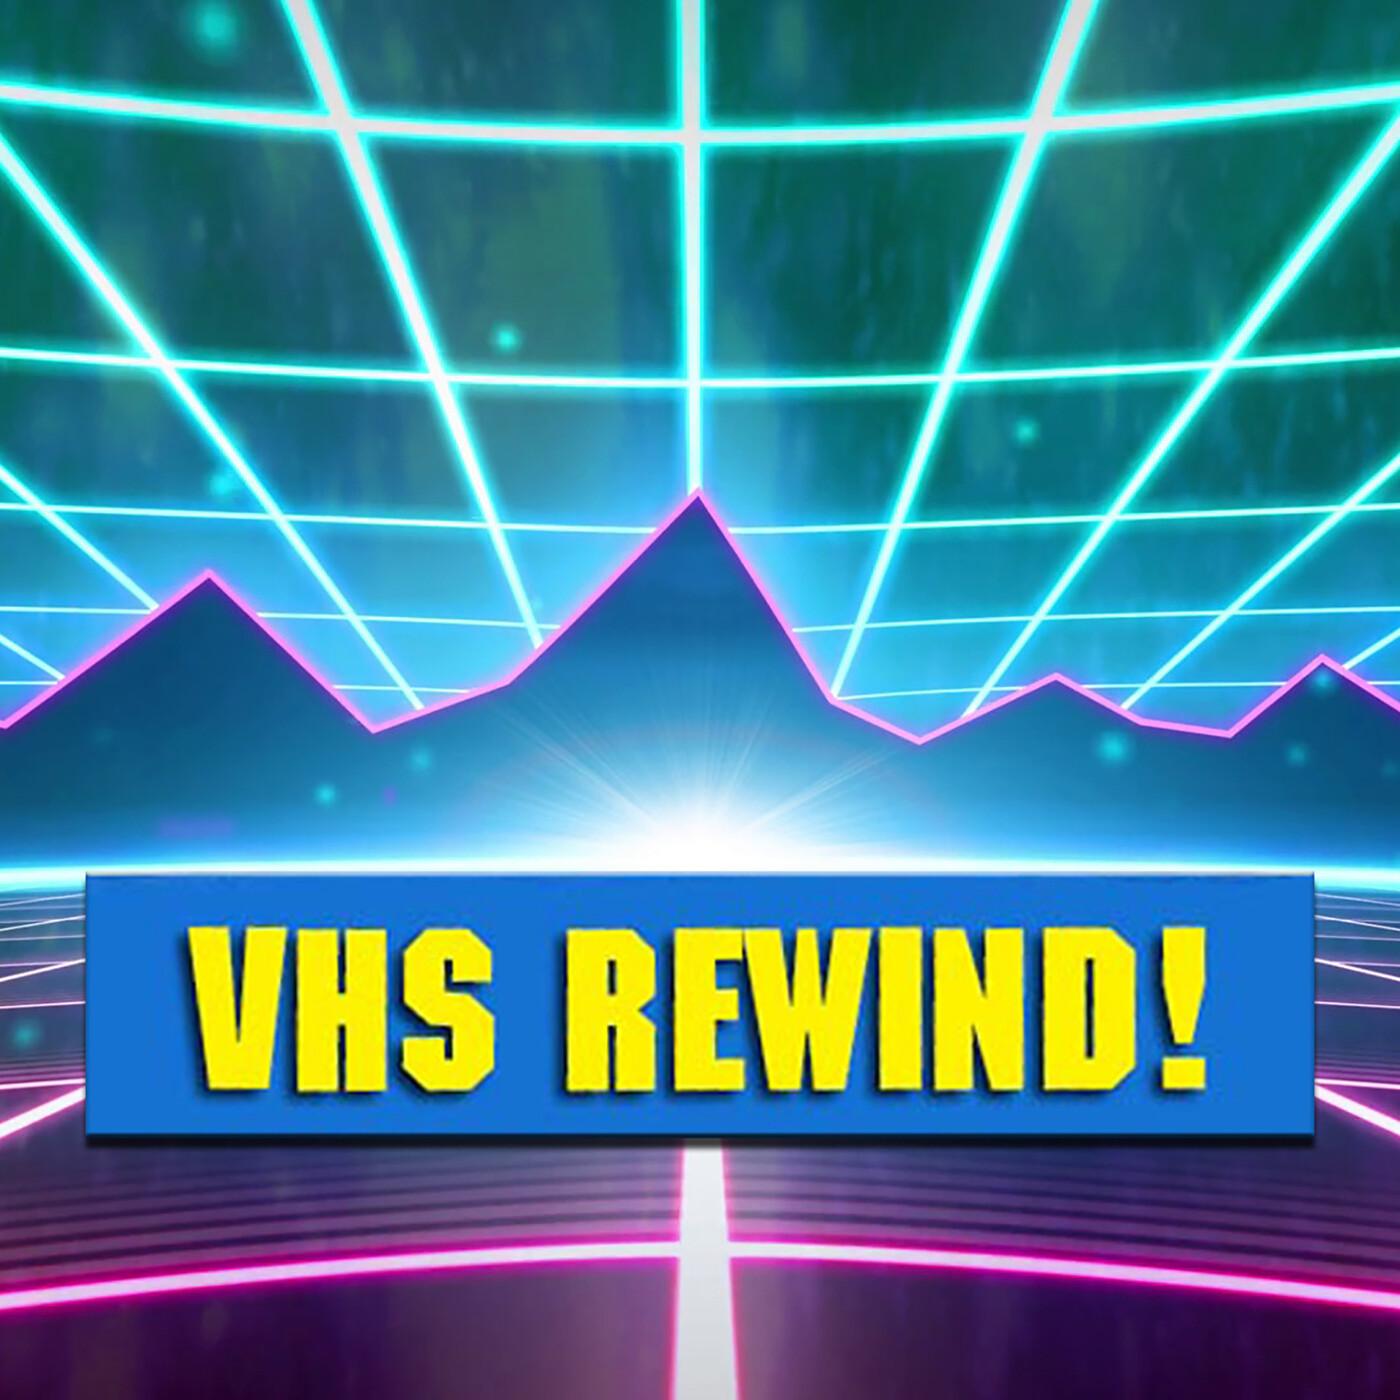 VHS Rewind! - Episode 11 - The Omen